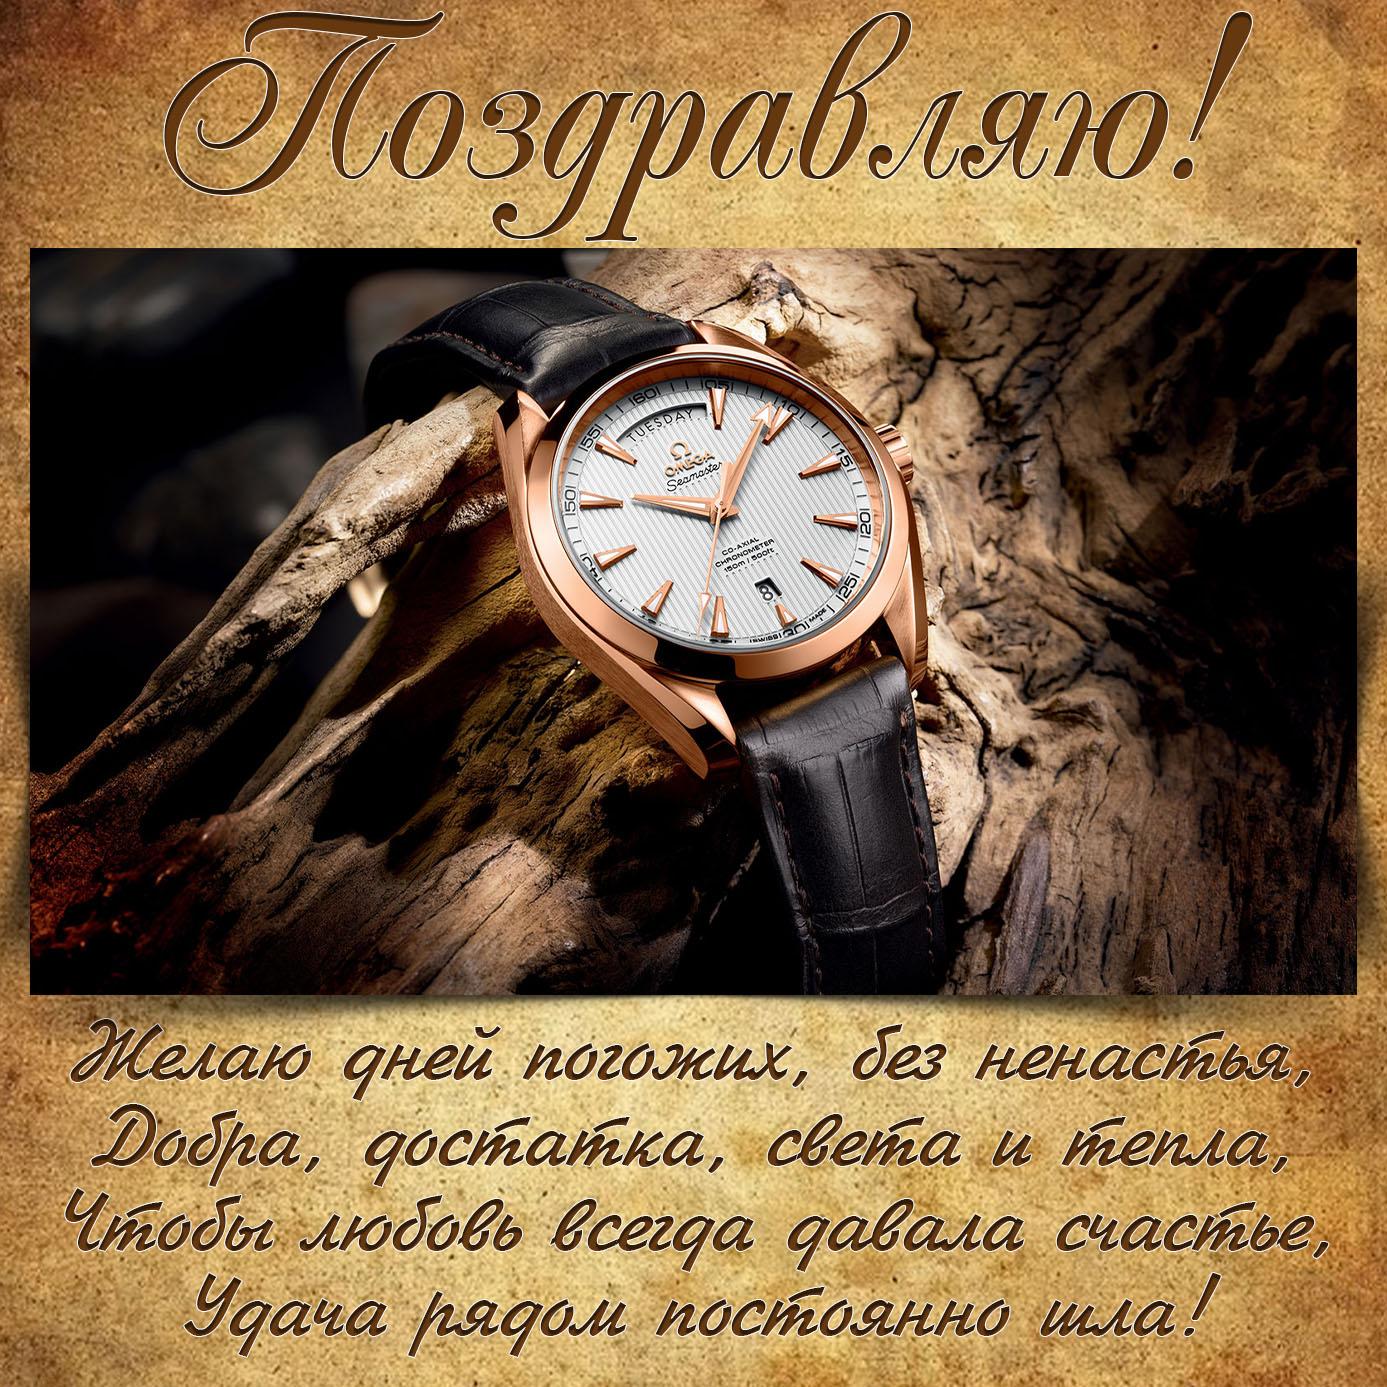 Картинка для мужчины с часами и ярким пожеланием